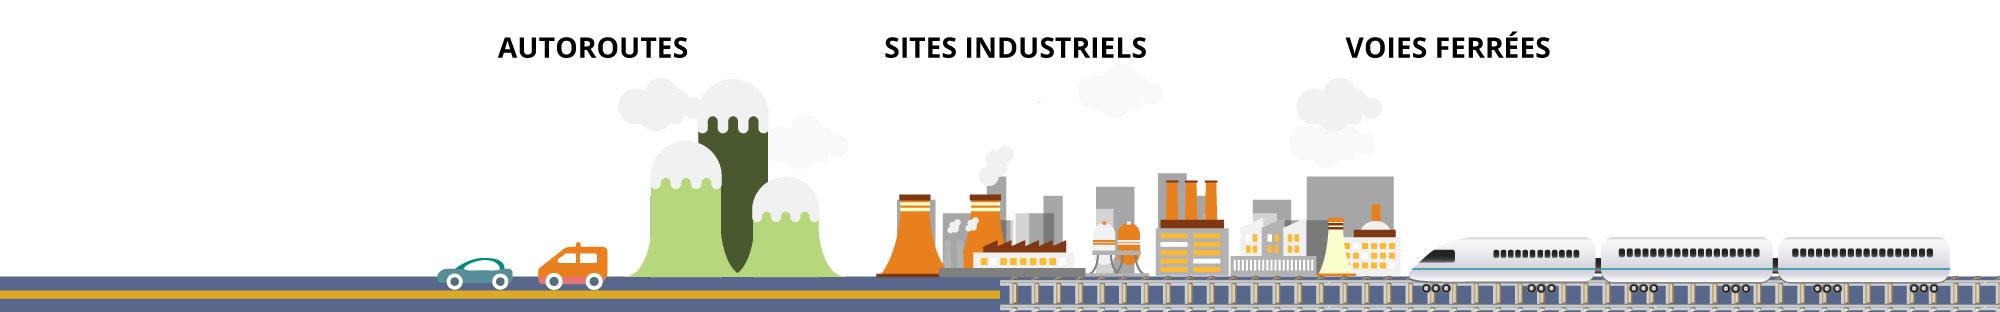 aapp sites industriels